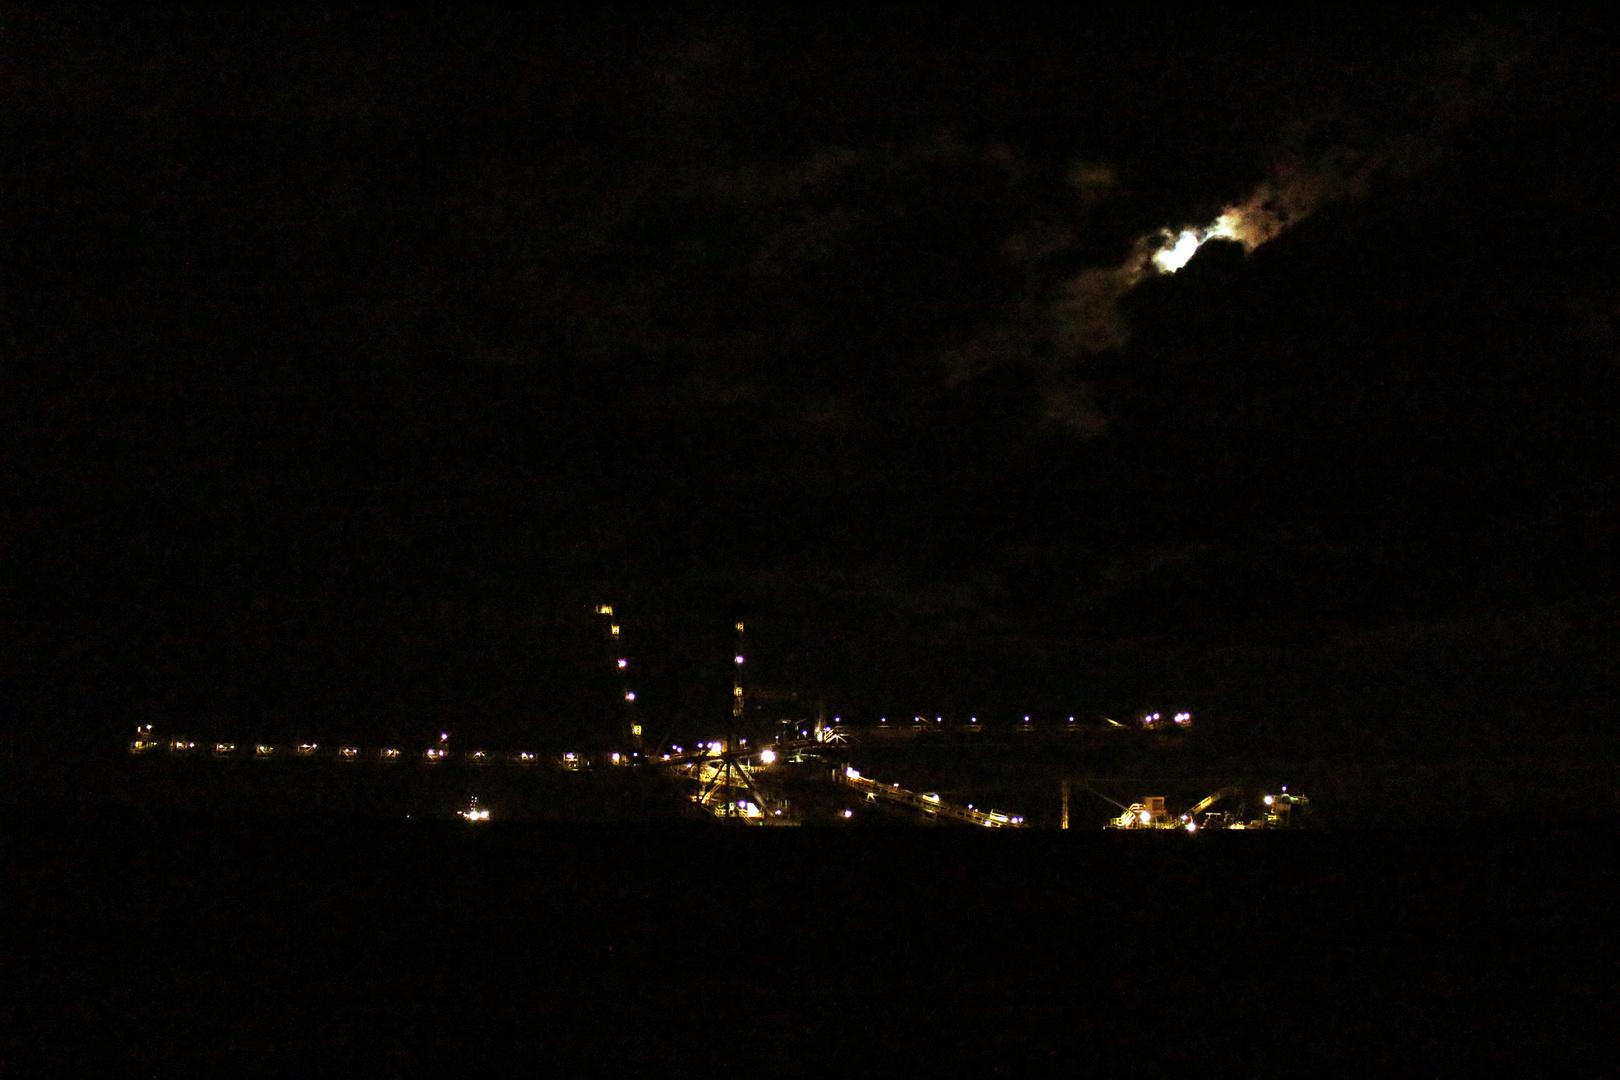 Tagebau bei Nacht